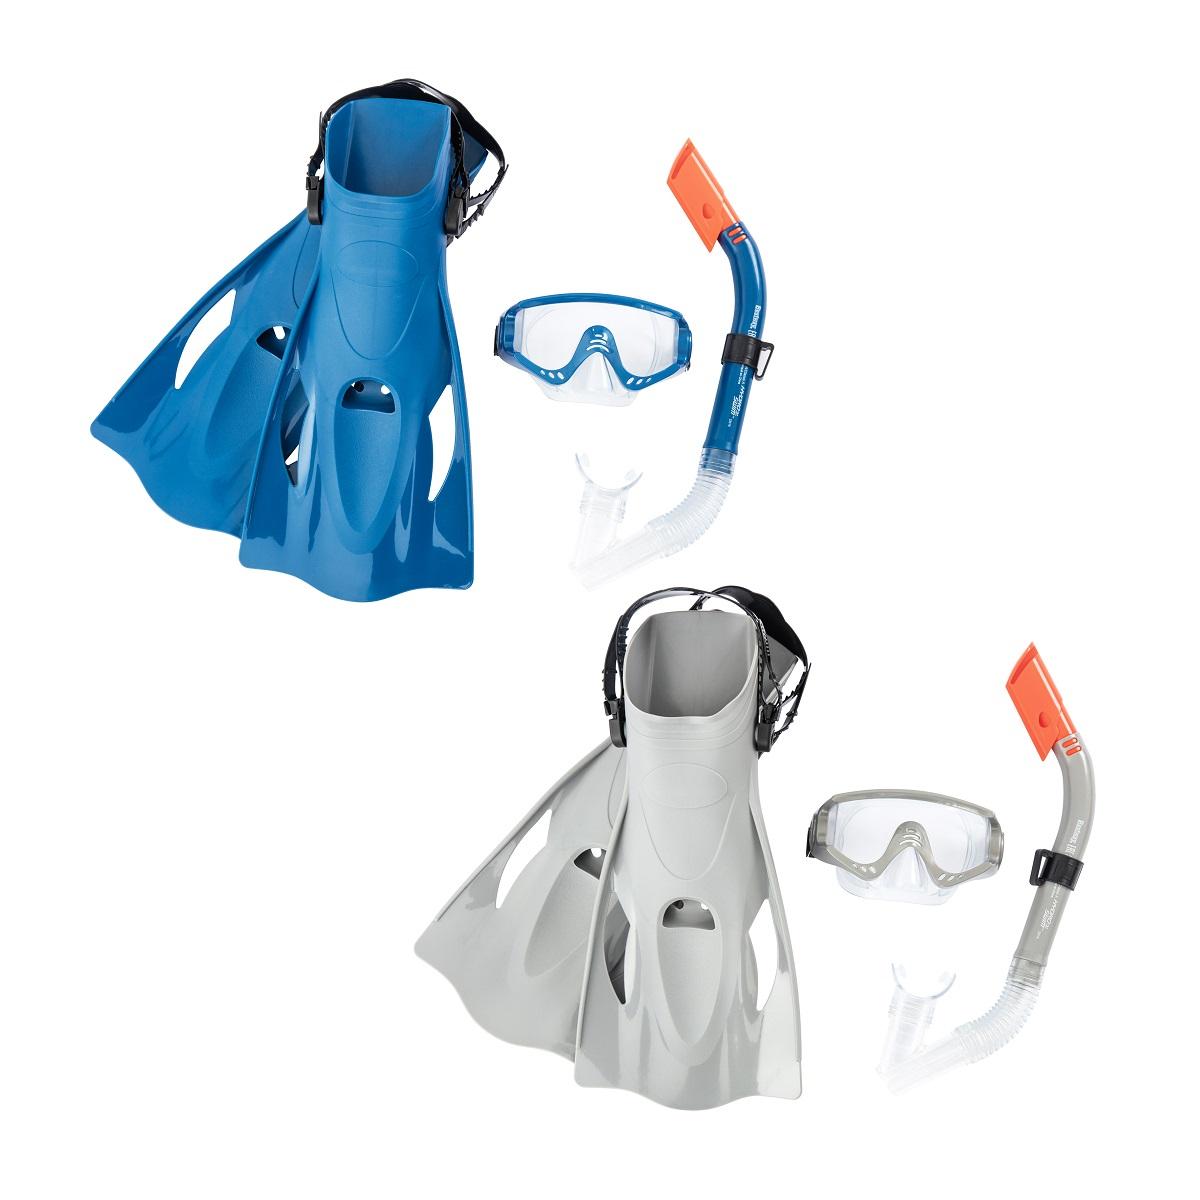 Potápěčský set BESTWAY Hydro Swim 25020 s ploutvemi